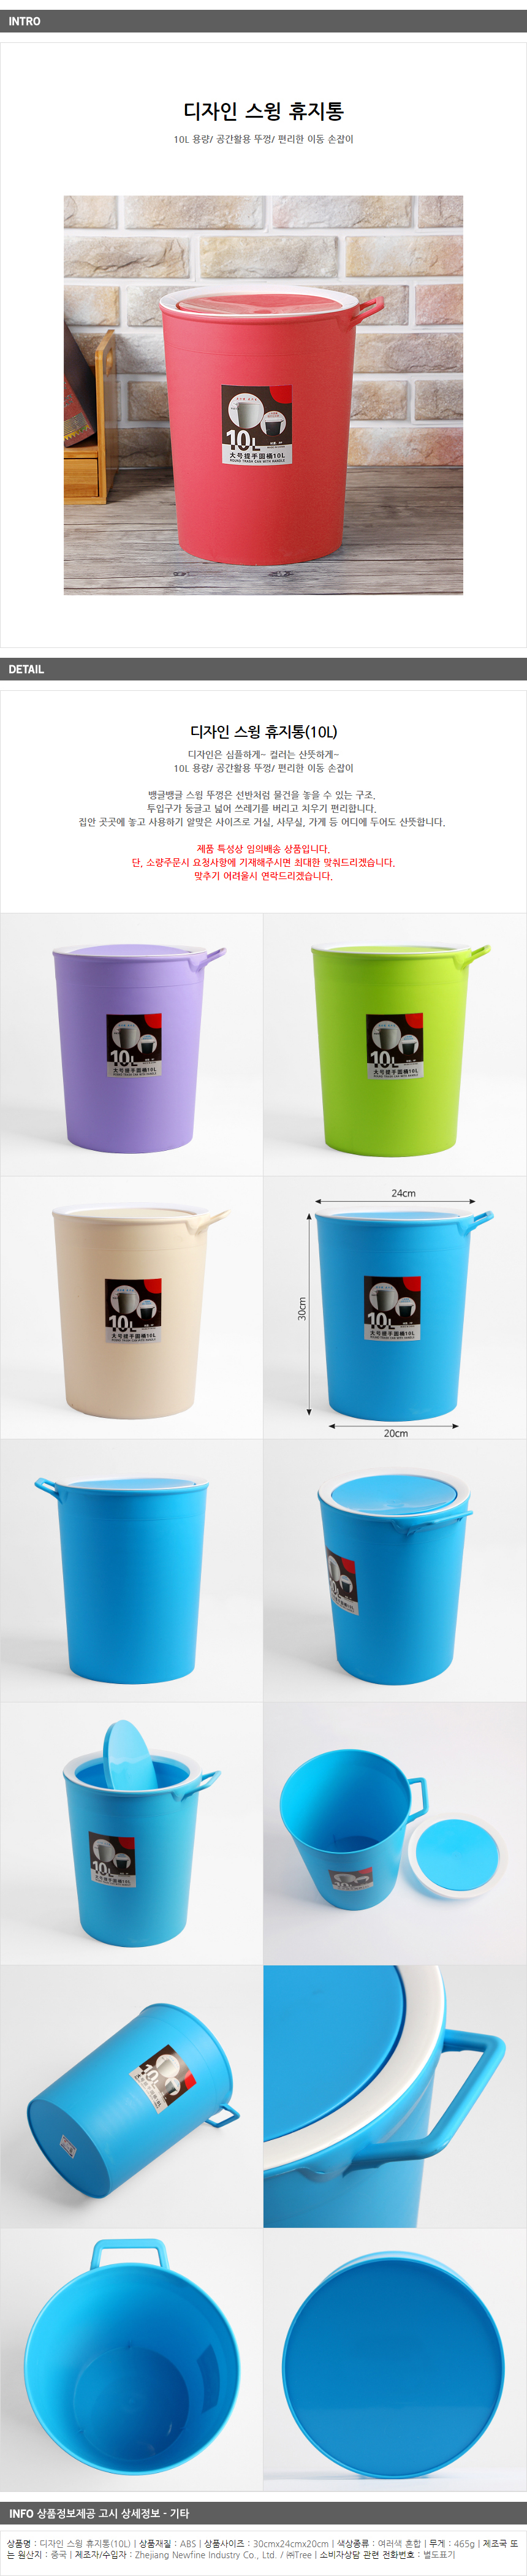 디자인 스윙 휴지통 10L/가정용쓰레기통 사무실휴지통 - 기프트갓, 7,840원, 휴지통, 휴지통